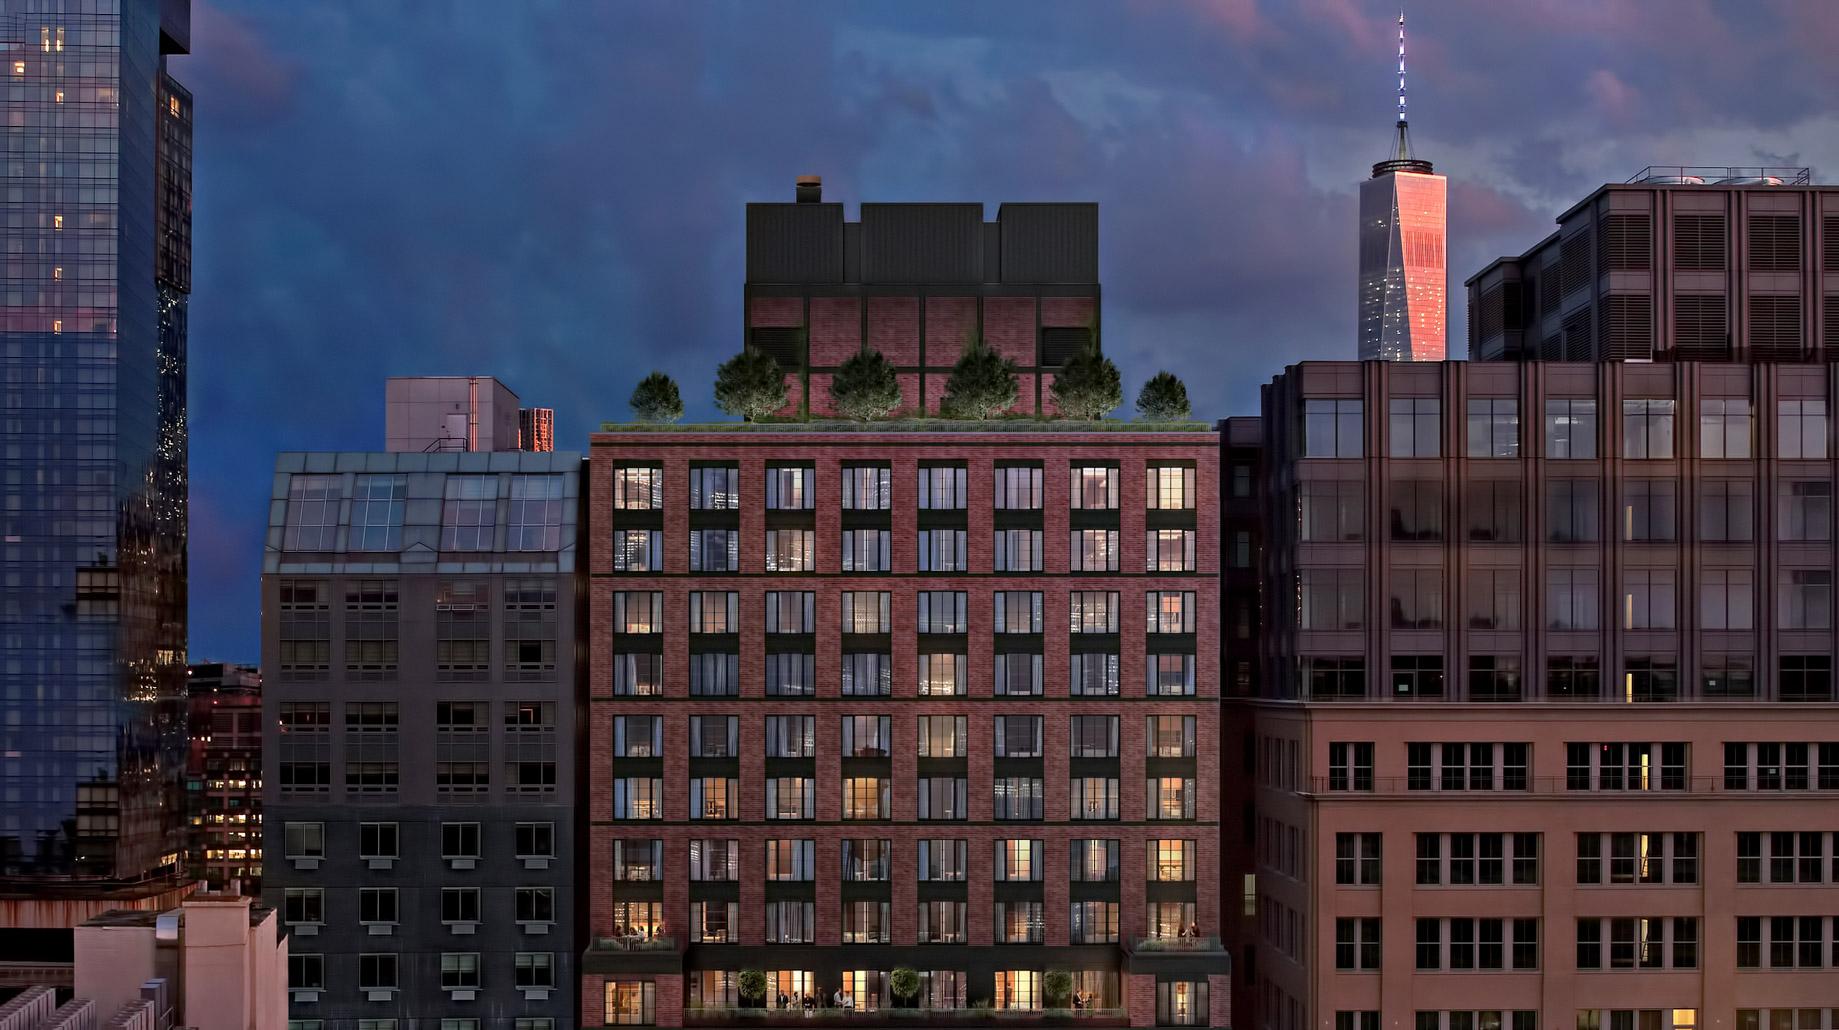 70 Charlton West SoHo Luxury Condo Apartments - 70 Charlton St, New York, NY, USA